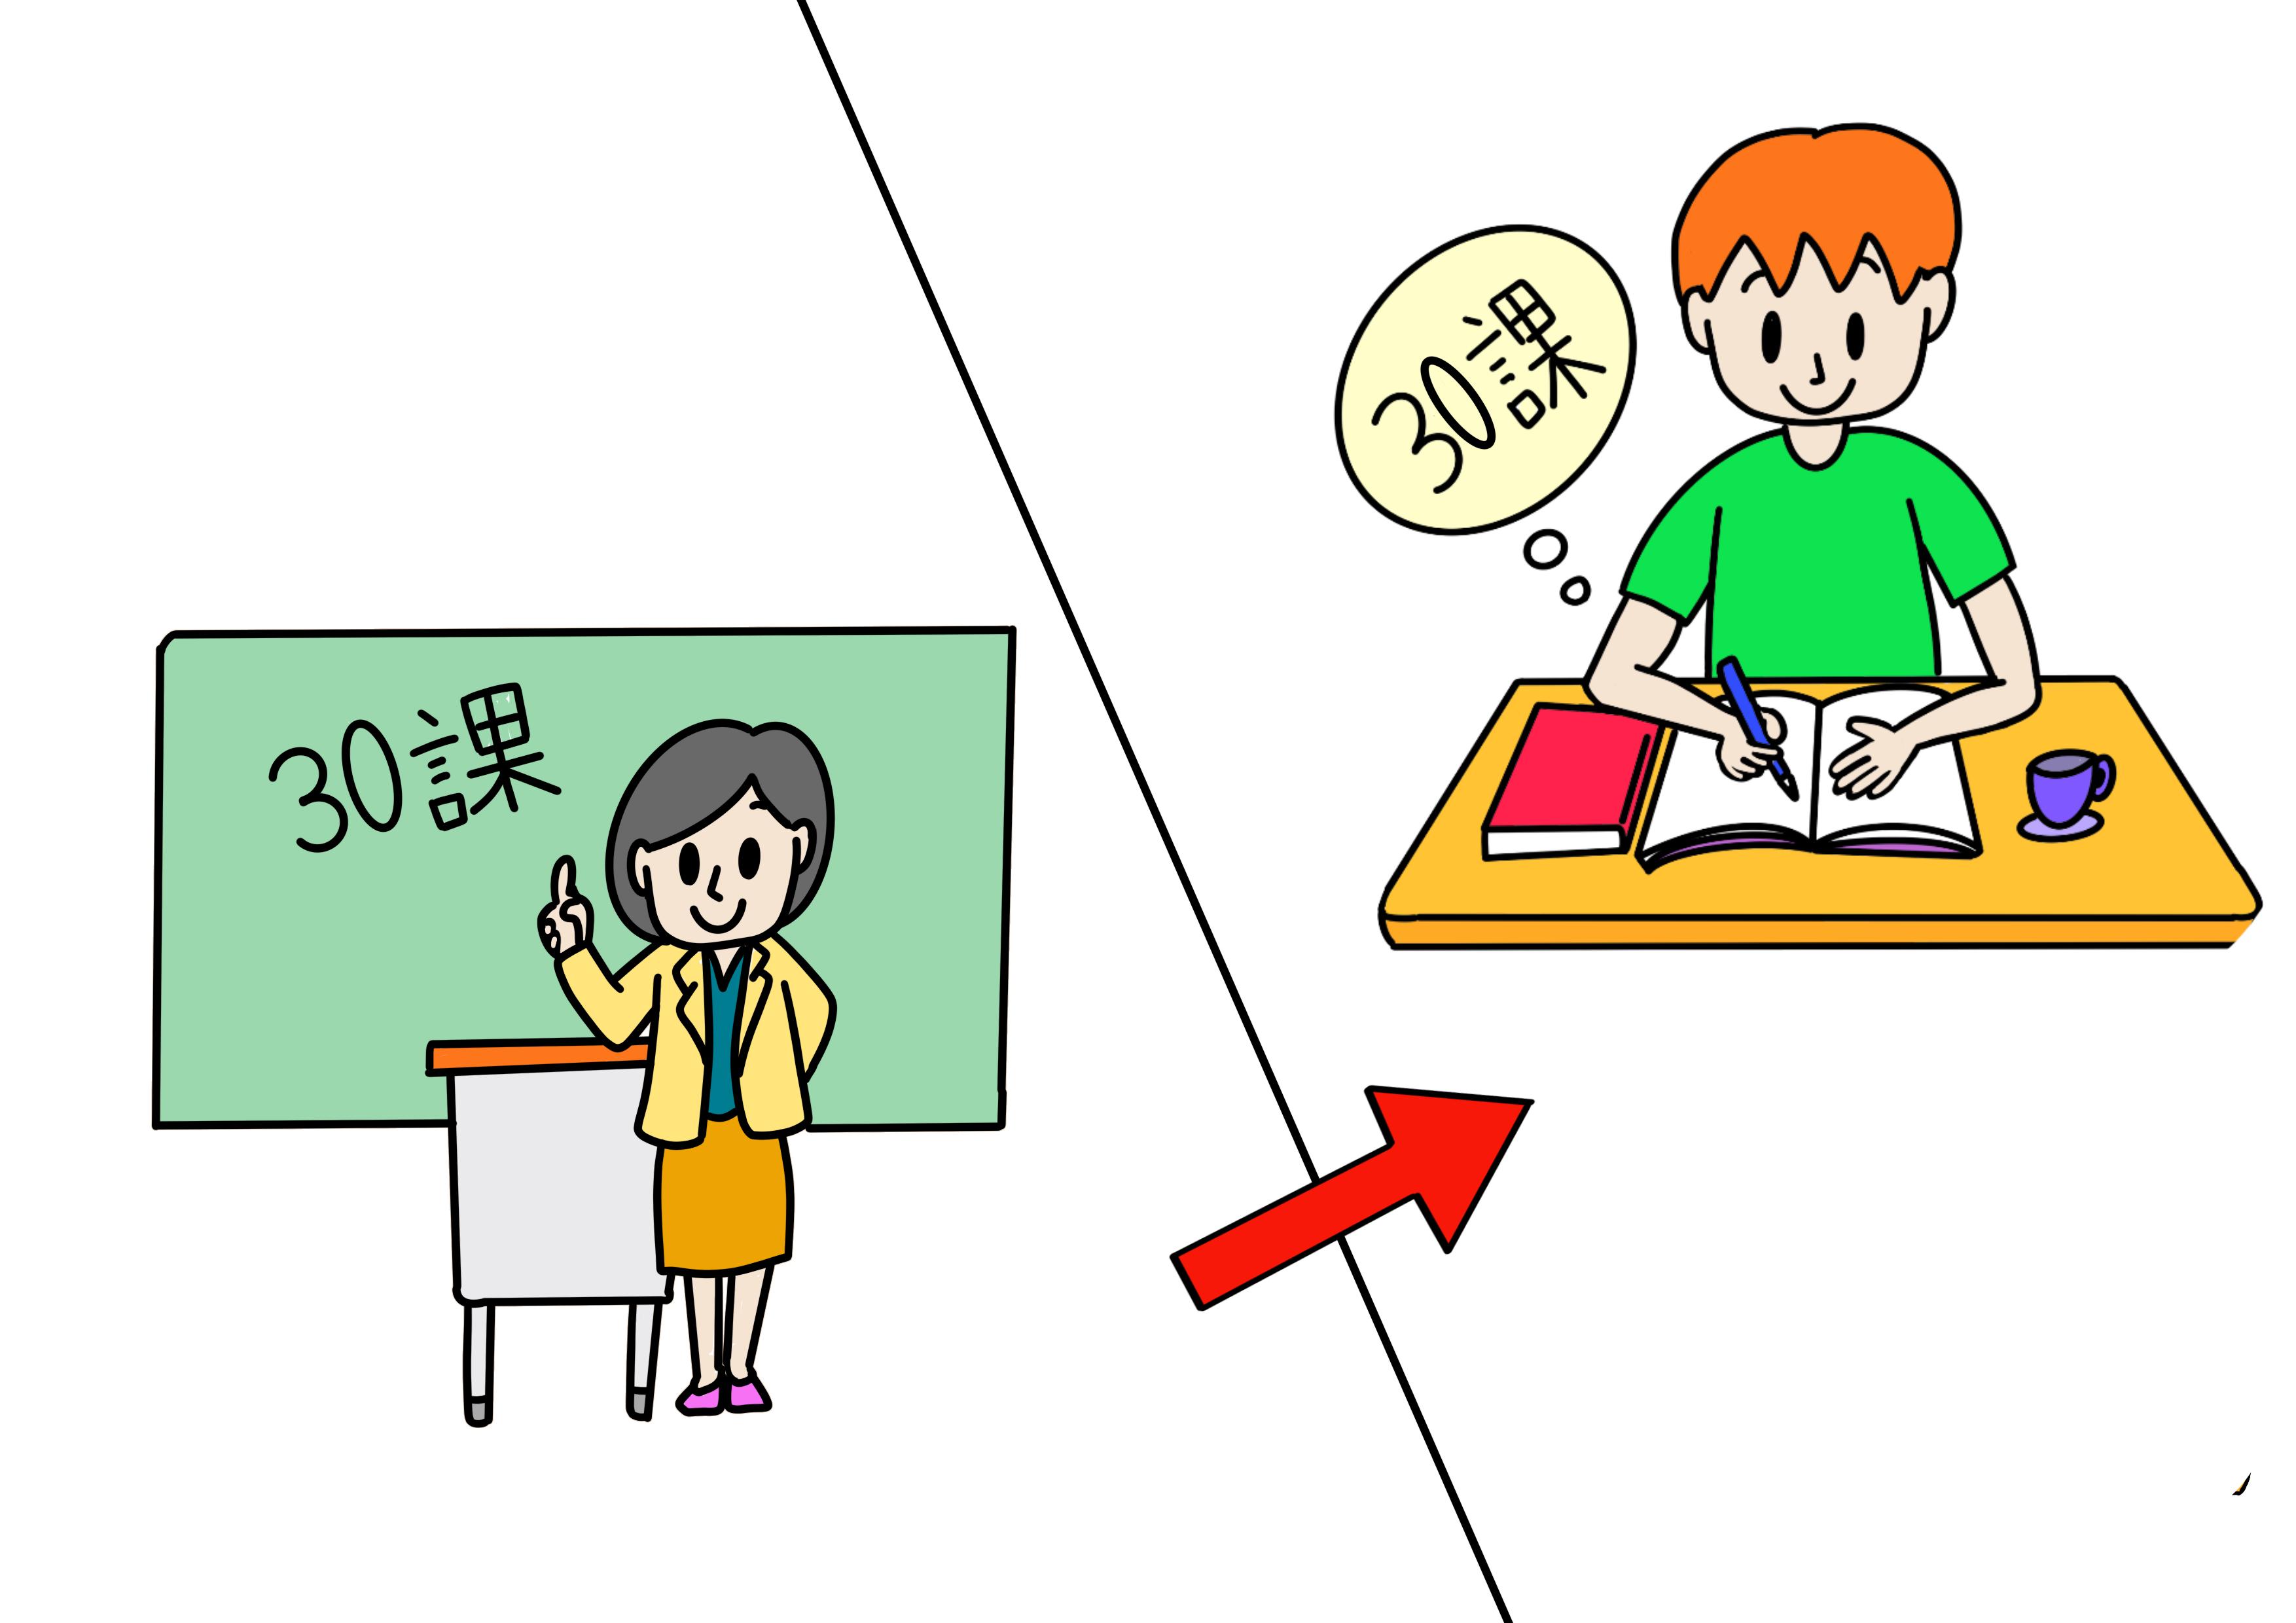 30課イラスト【復習する】